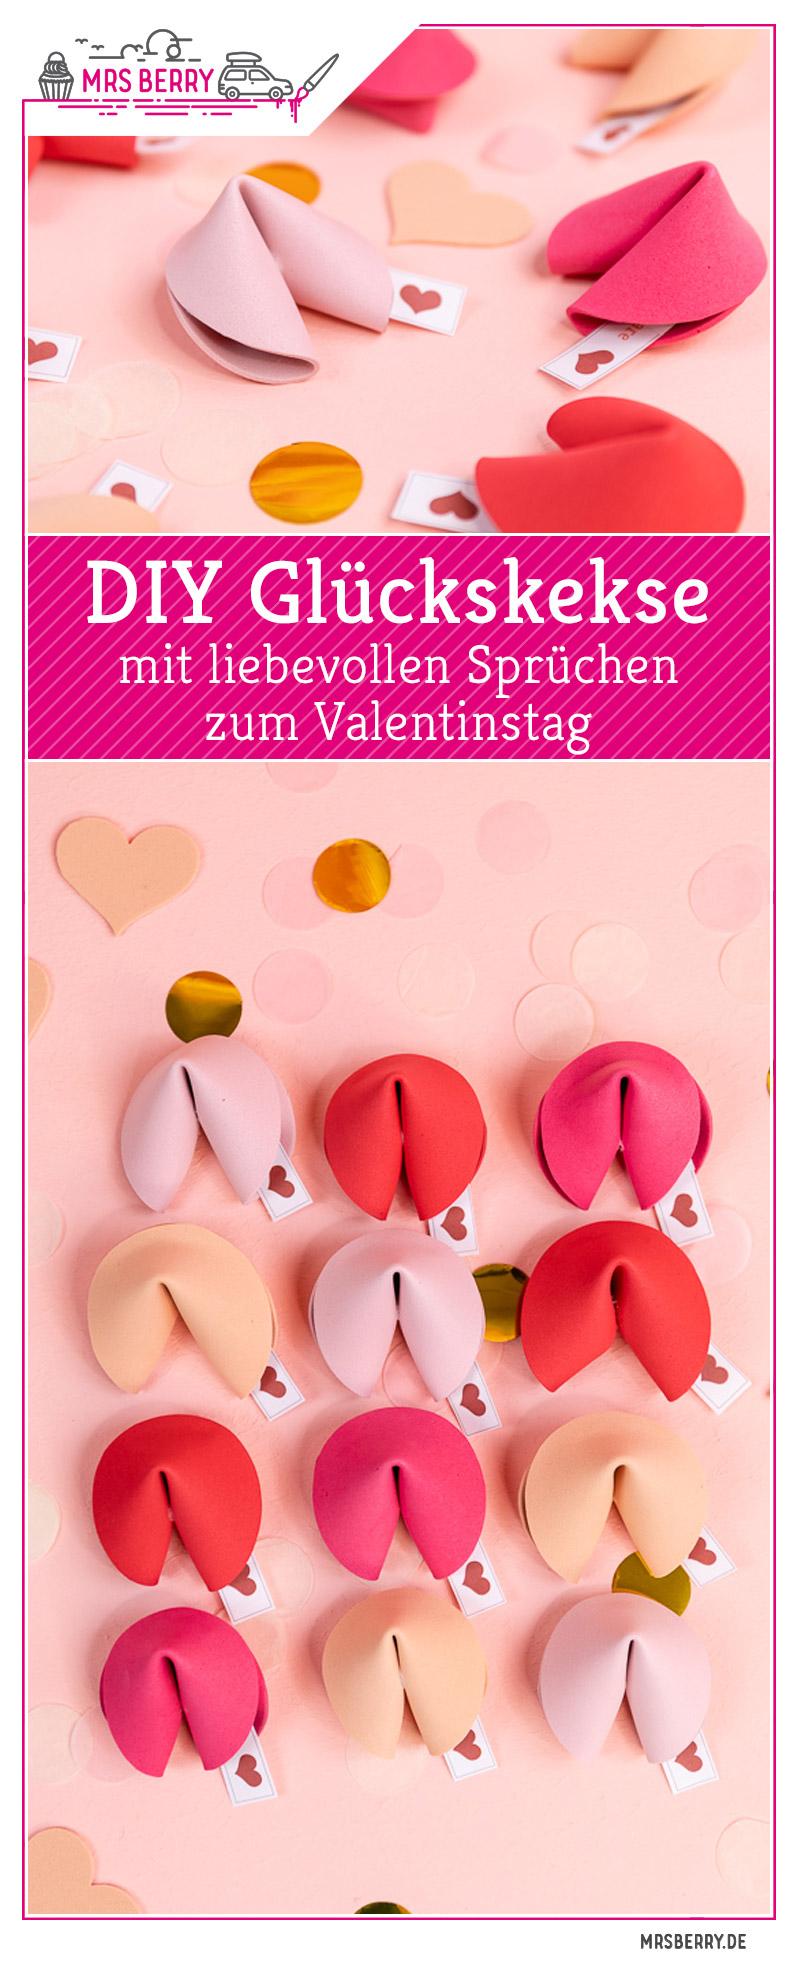 Diy Gluckskekse Basteln Geschenkidee Zum Valentinstag Mrsberry De